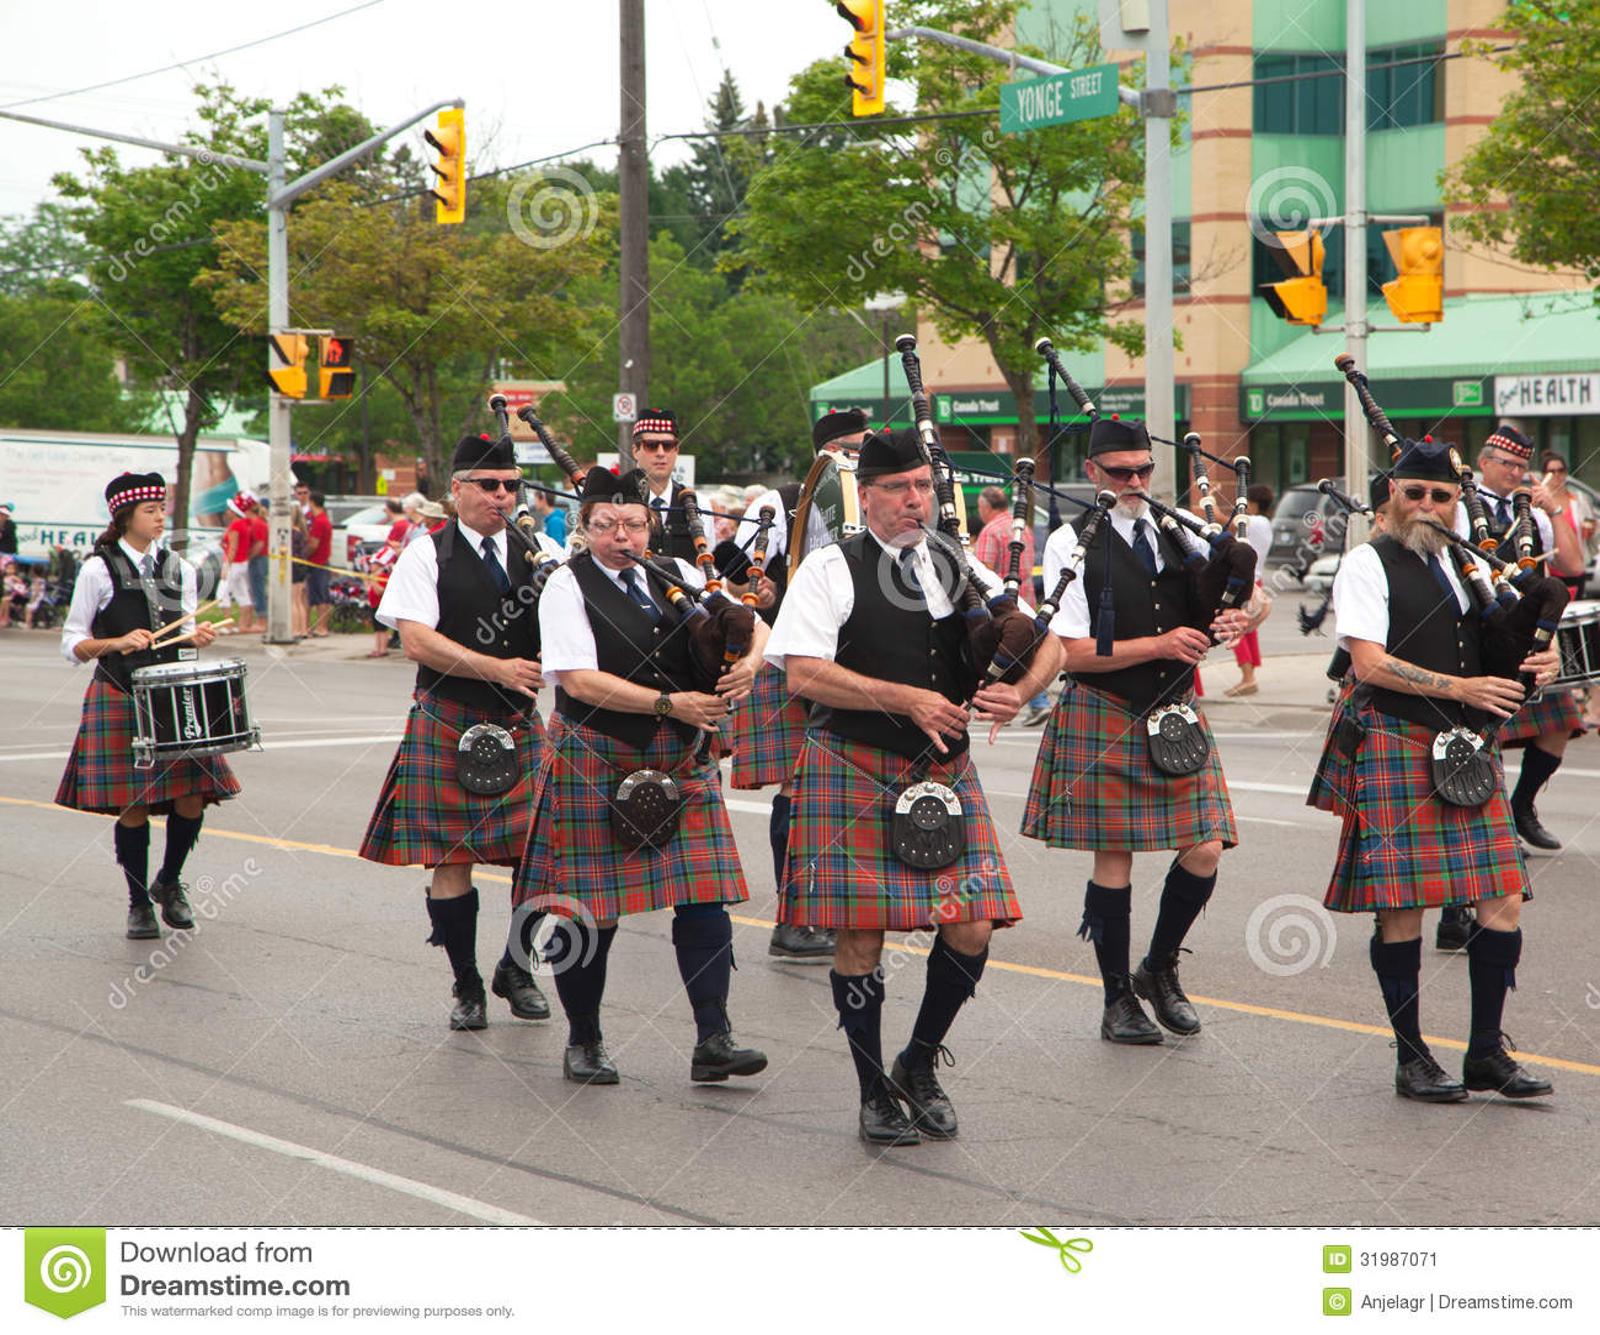 ΑΥΓΗ, ΟΝΤΑΡΙΟ, ΚΑΝΑΔΑΣ 1 ΙΟΥΛΊΟΥ: Ιρλανδοί στη σκωτσέζικη φούστα τους που παίζουν τα bagpipes τους κατά τη διάρκεια της παρέλασης